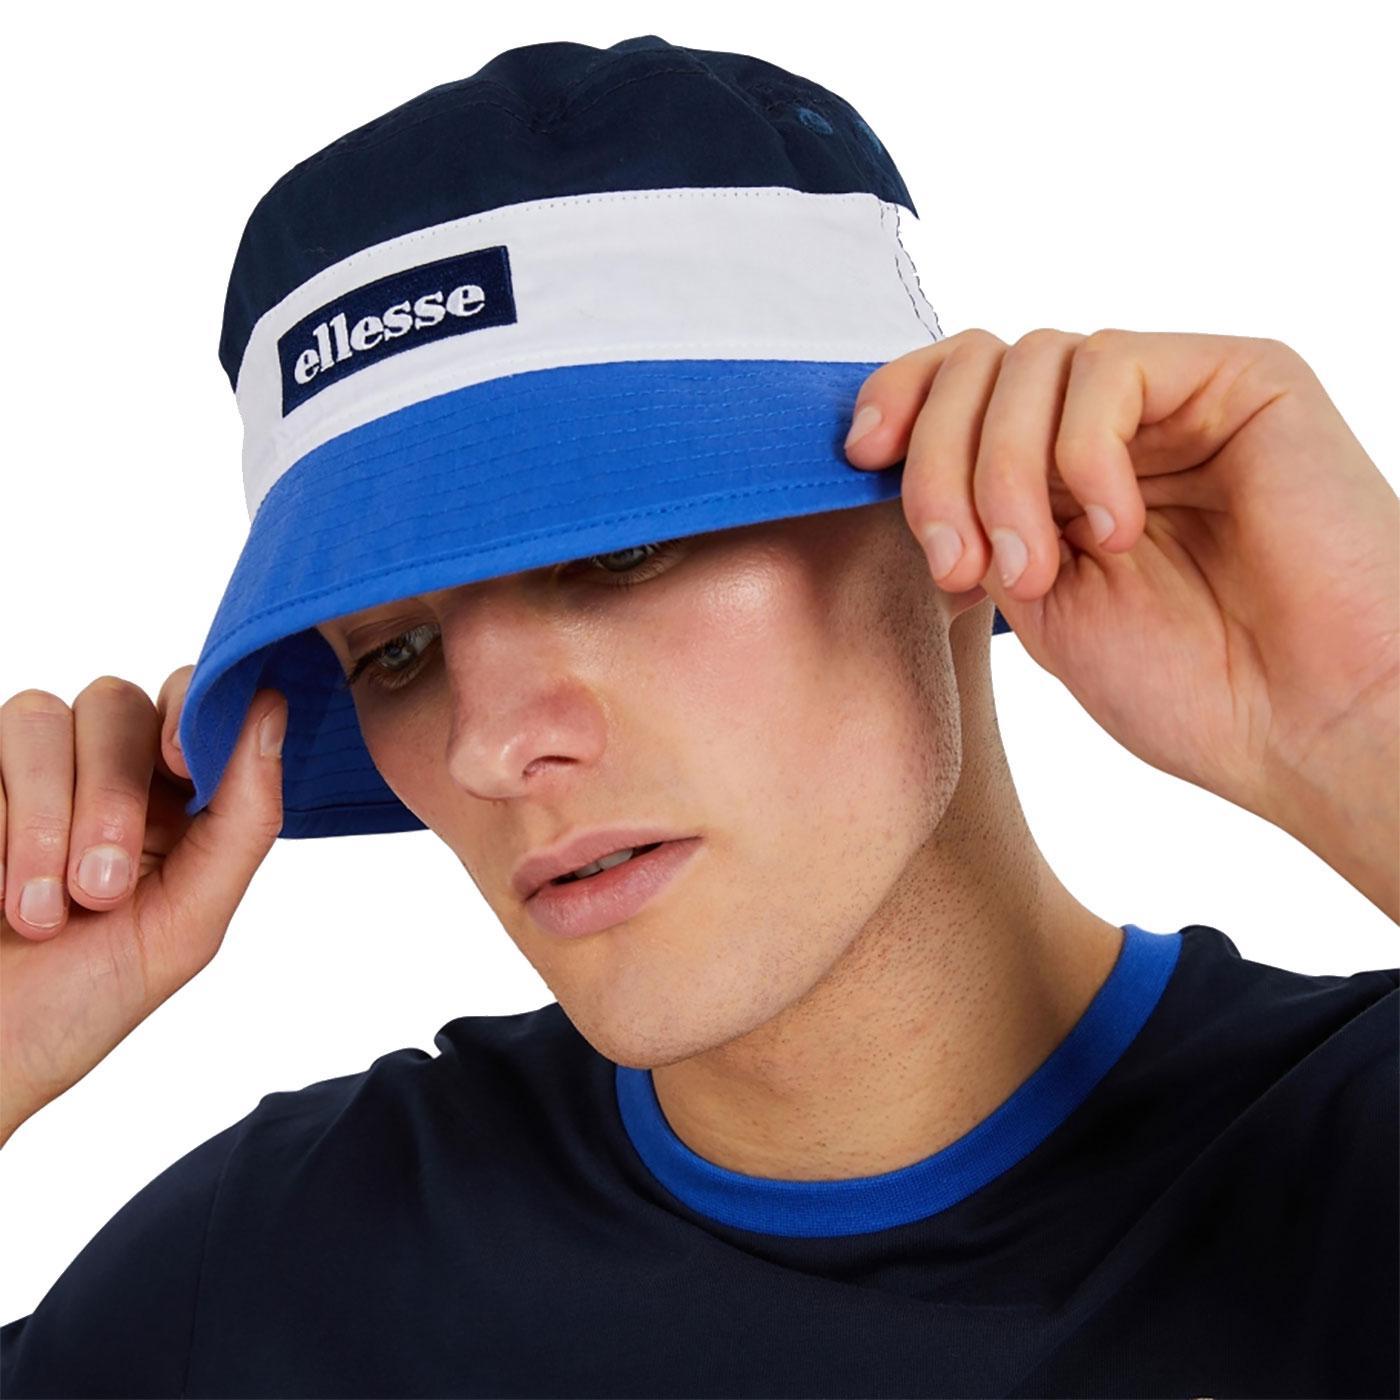 Onzio ELLESSE Retro Colour Block Bucket Hat BLUE